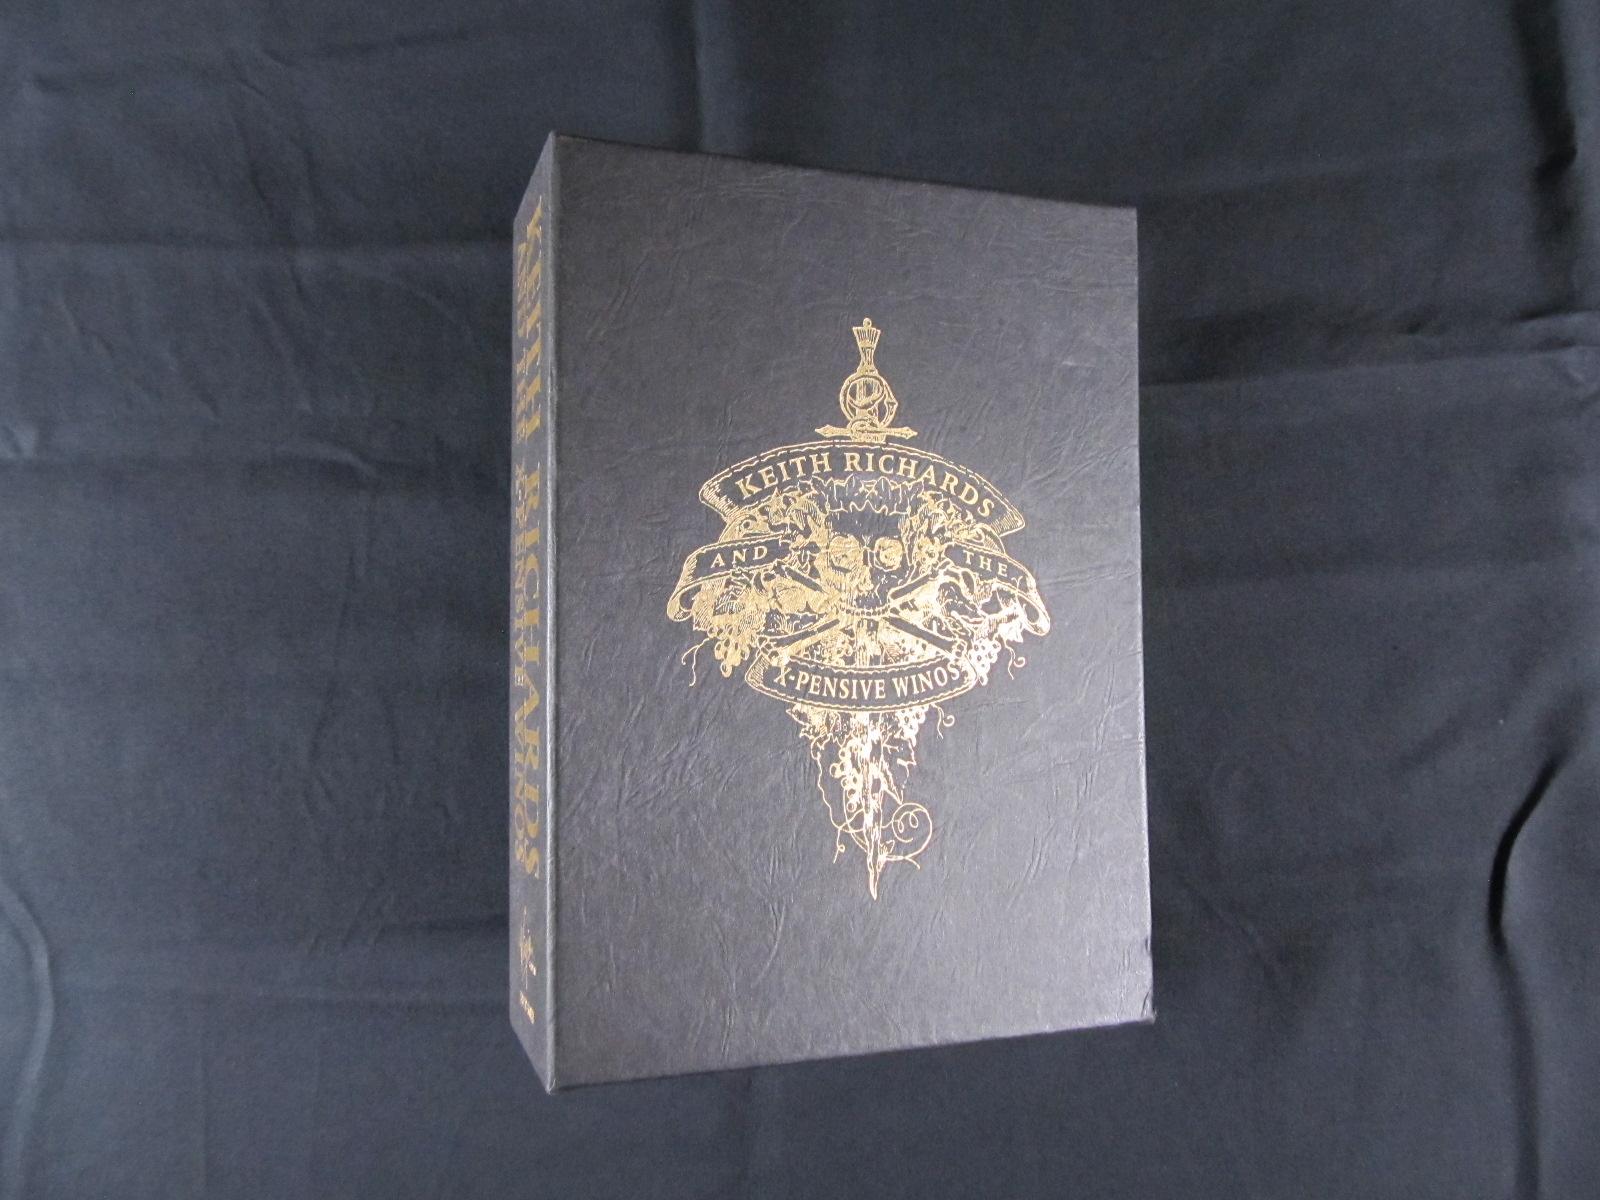 中古CD VHS BOX KEATH RECHARDS『LIVE AT THE LOLLYWOOD PALLADIUM』/キース・リチャーズ 『ライヴ・アット・ハリウッド...』画像